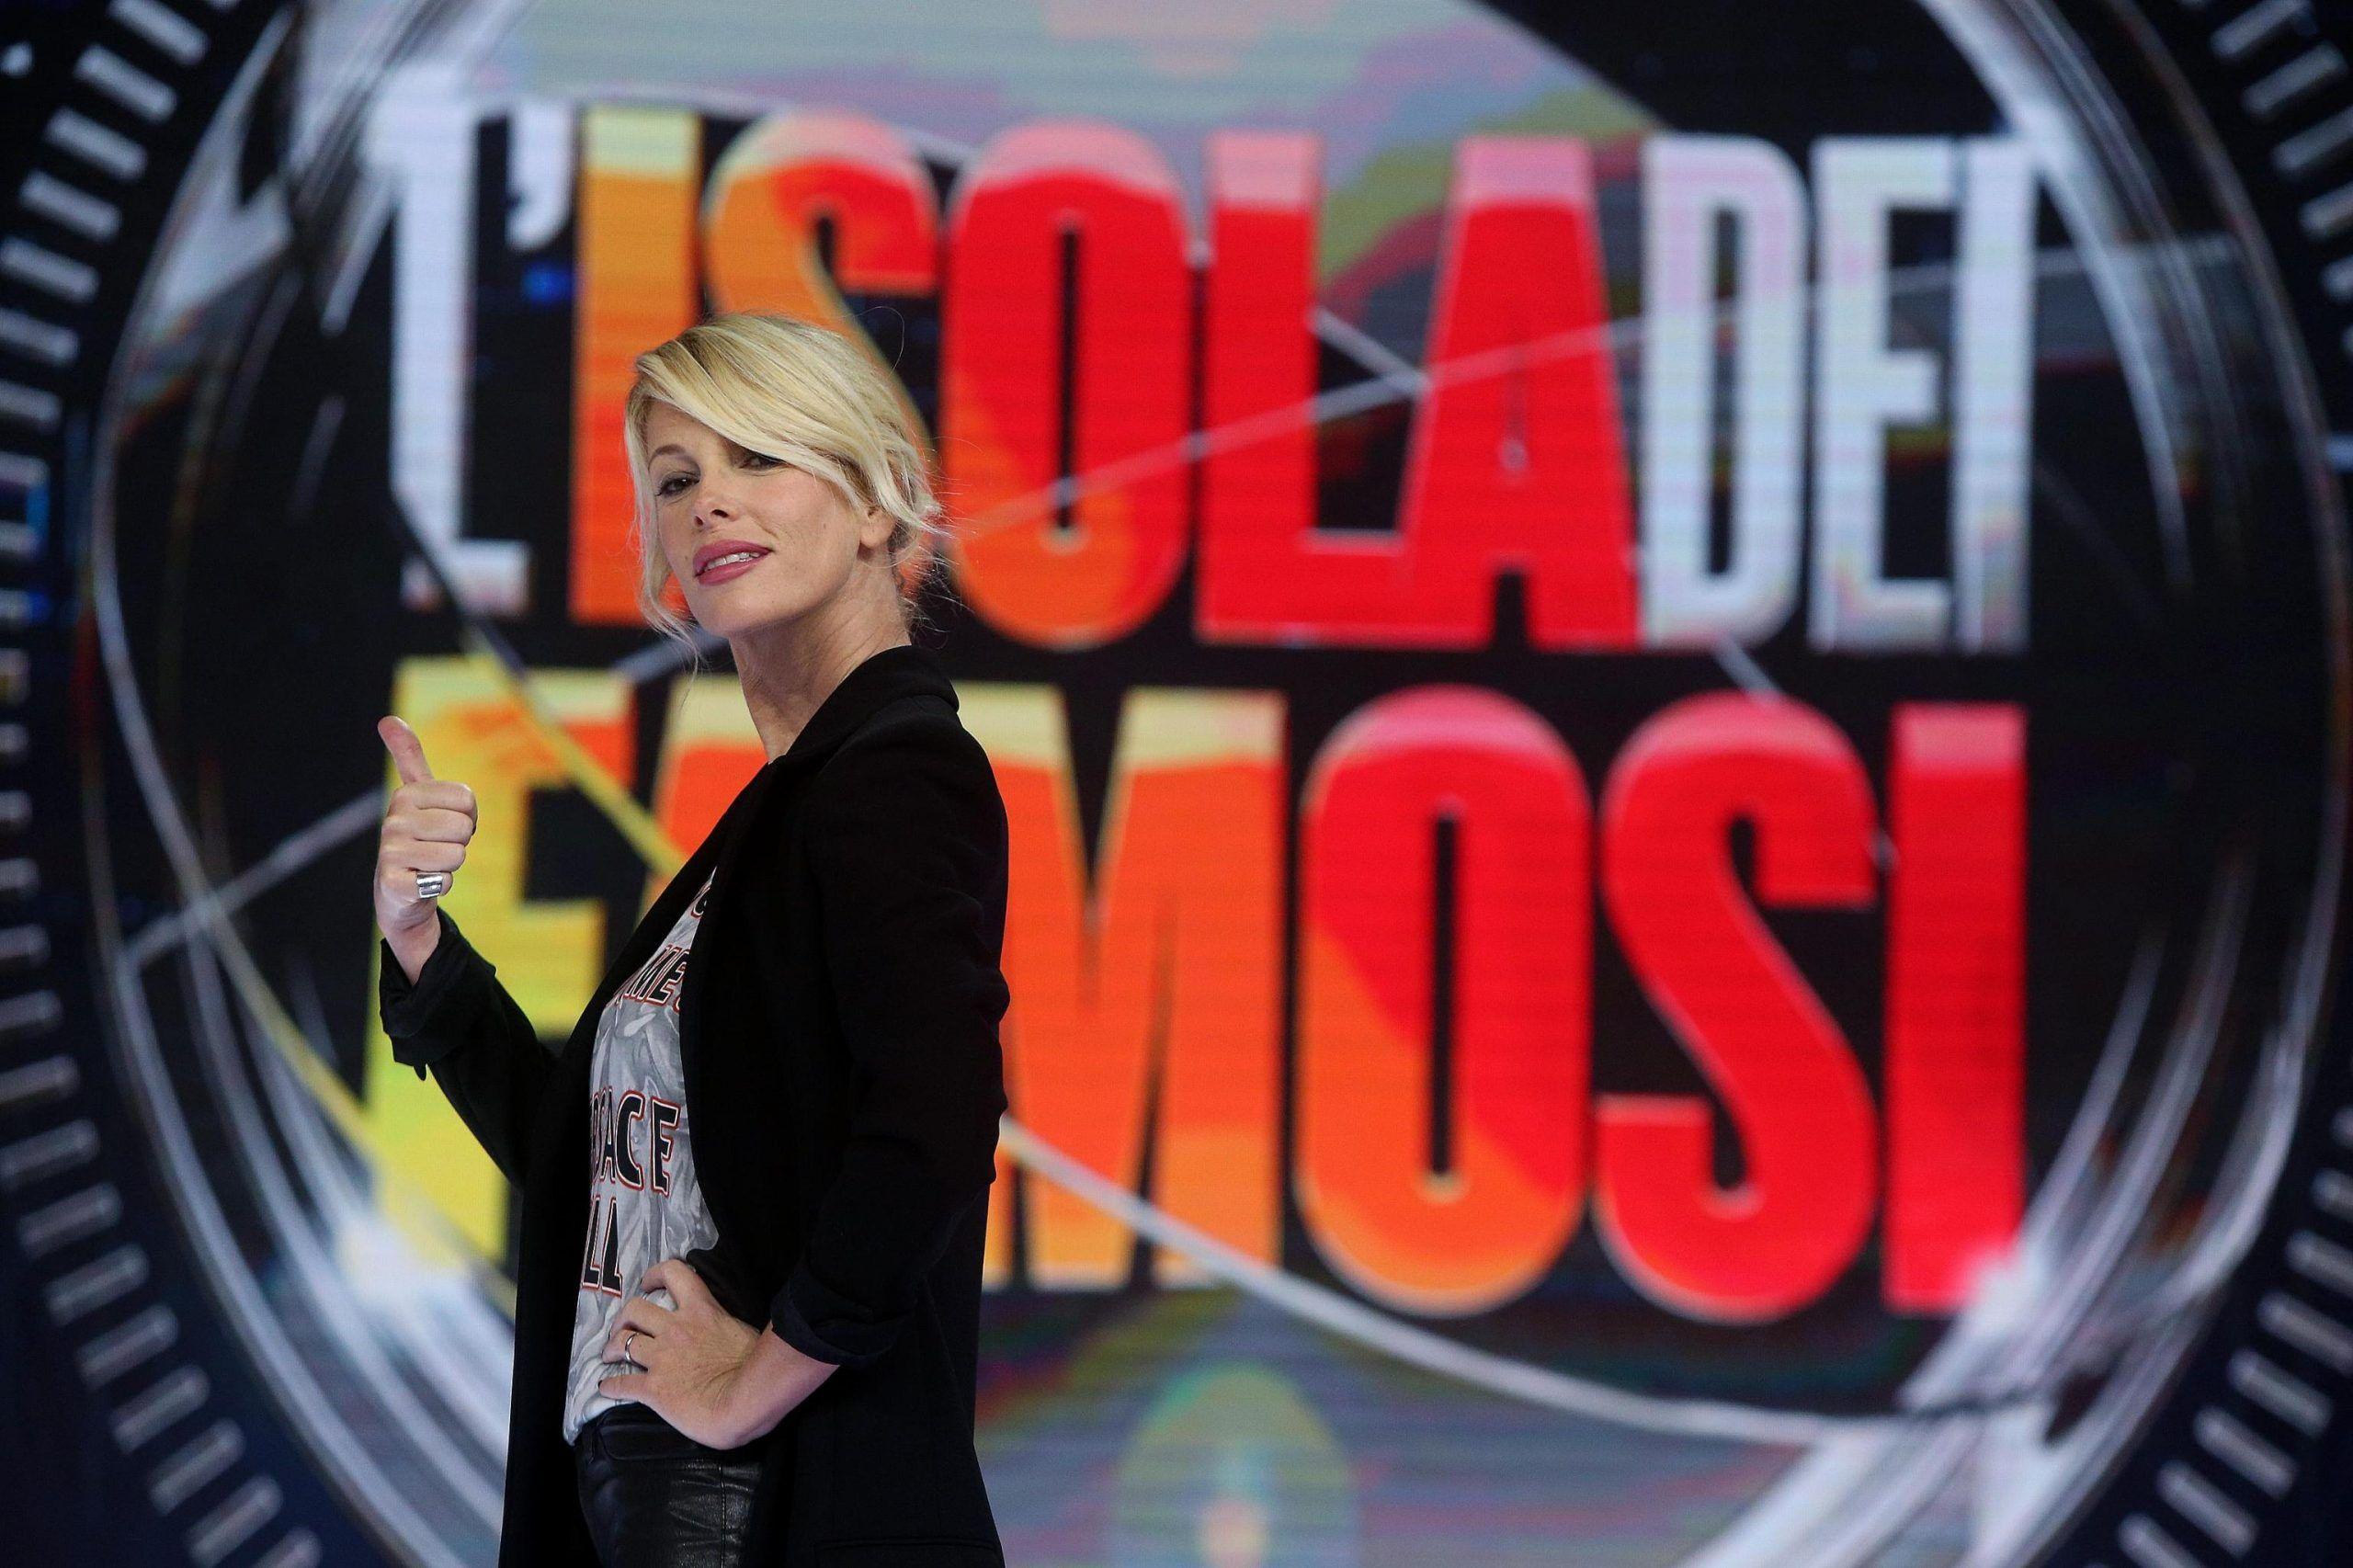 Isola dei famosi 2018, Paola Di Benedetto bloccata in aeroporto: per lei reality a rischio?